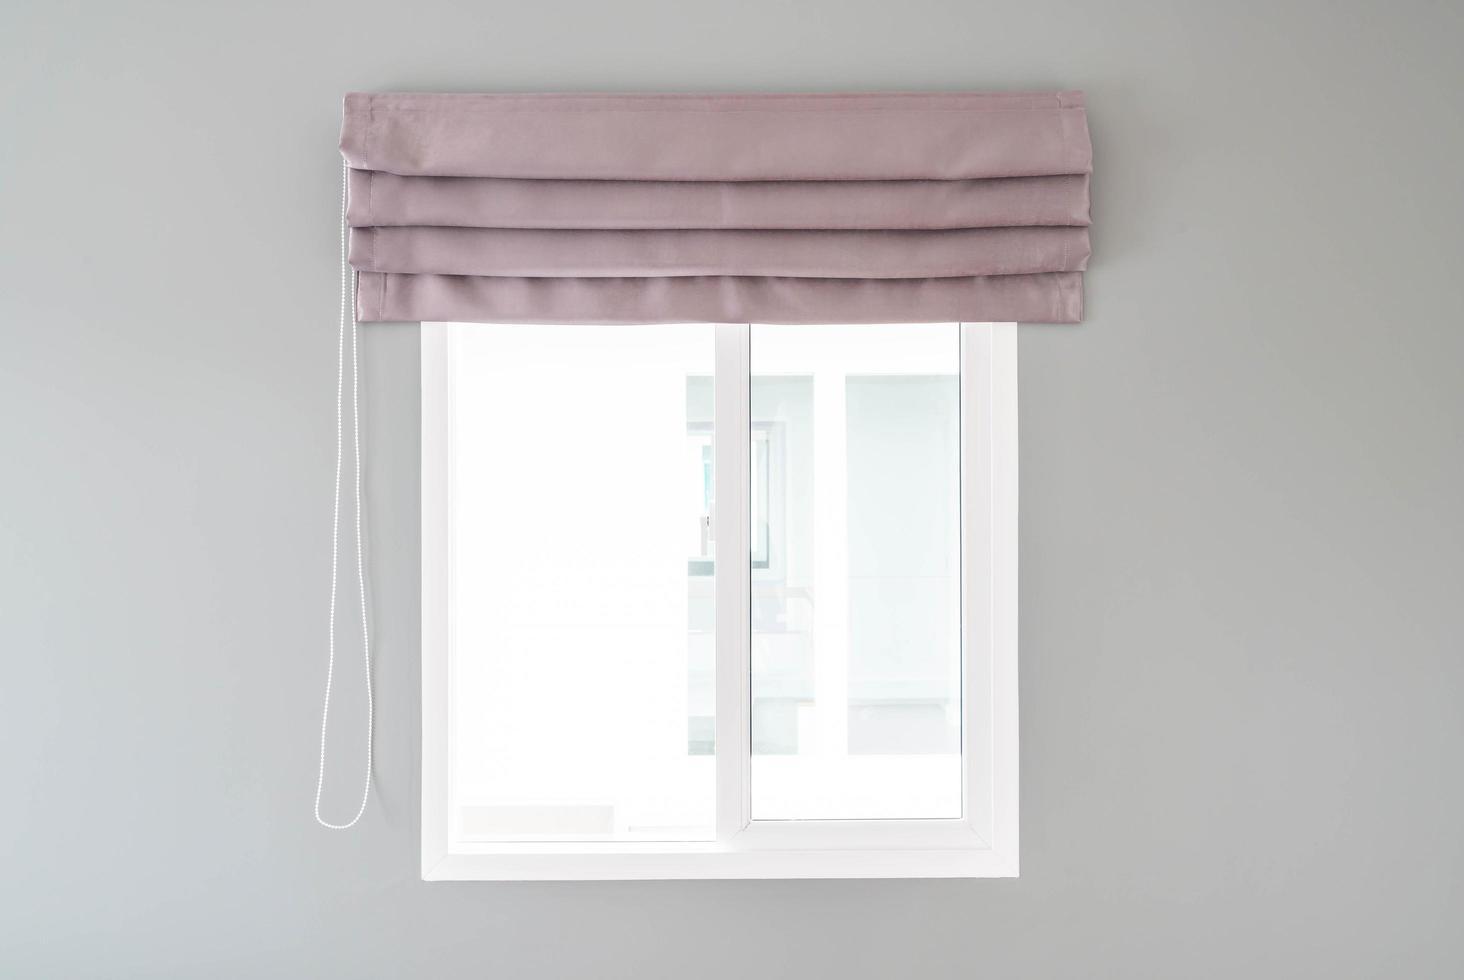 Vorhang offen auf Fenster mit Sonnenlicht foto